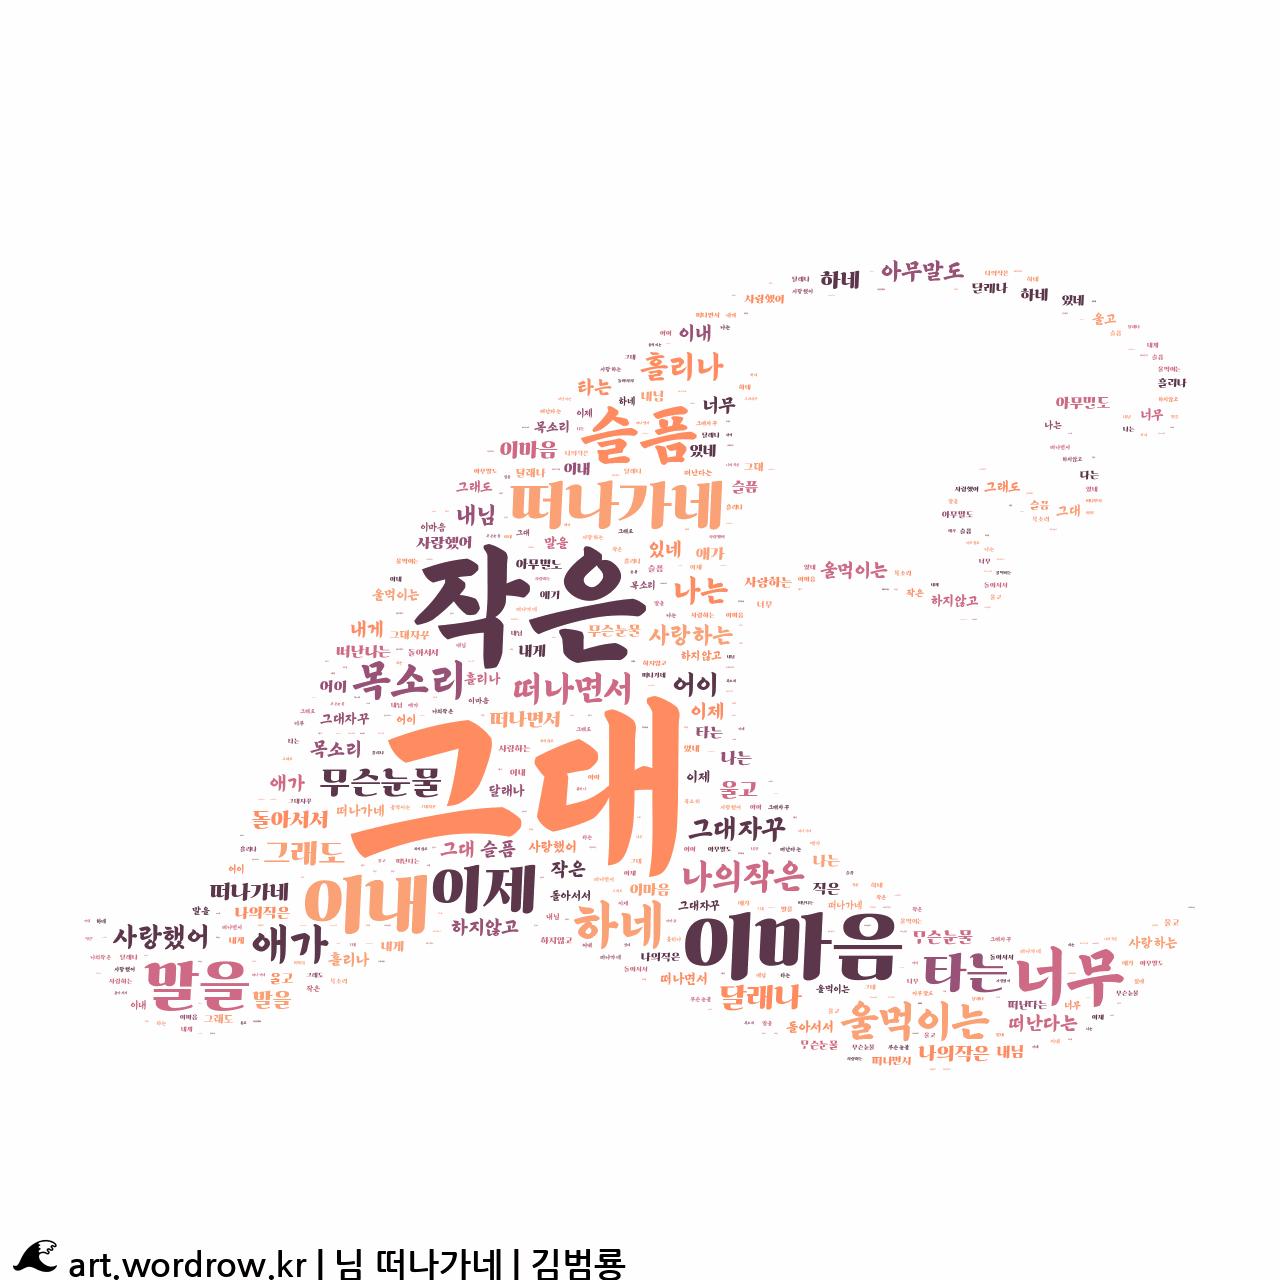 워드 아트: 님 떠나가네 [김범룡]-23